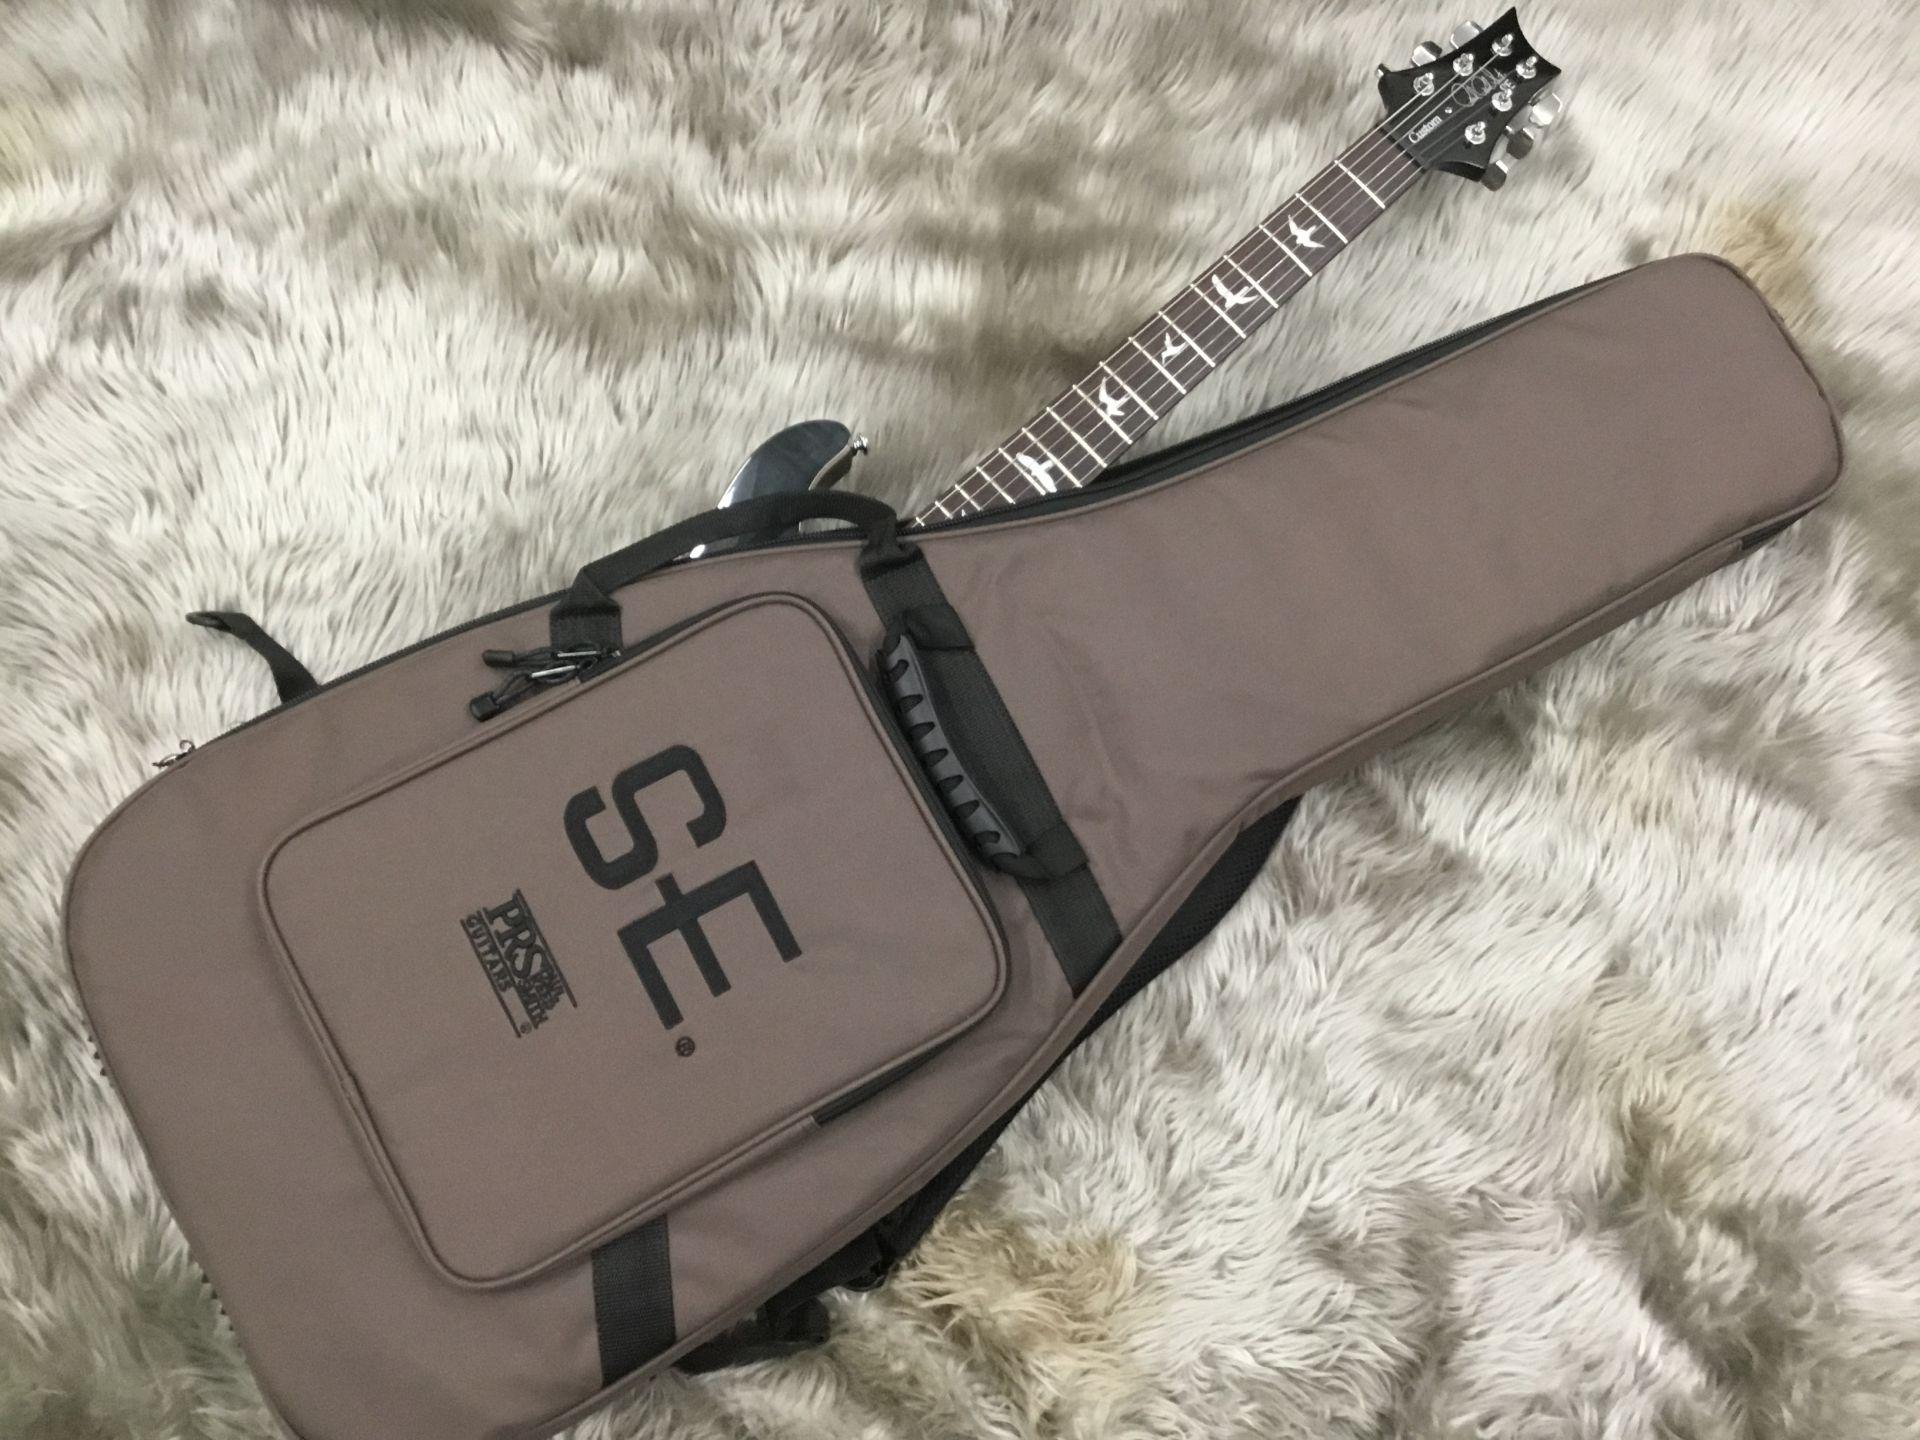 SE Custom 24 Nのケース・その他画像